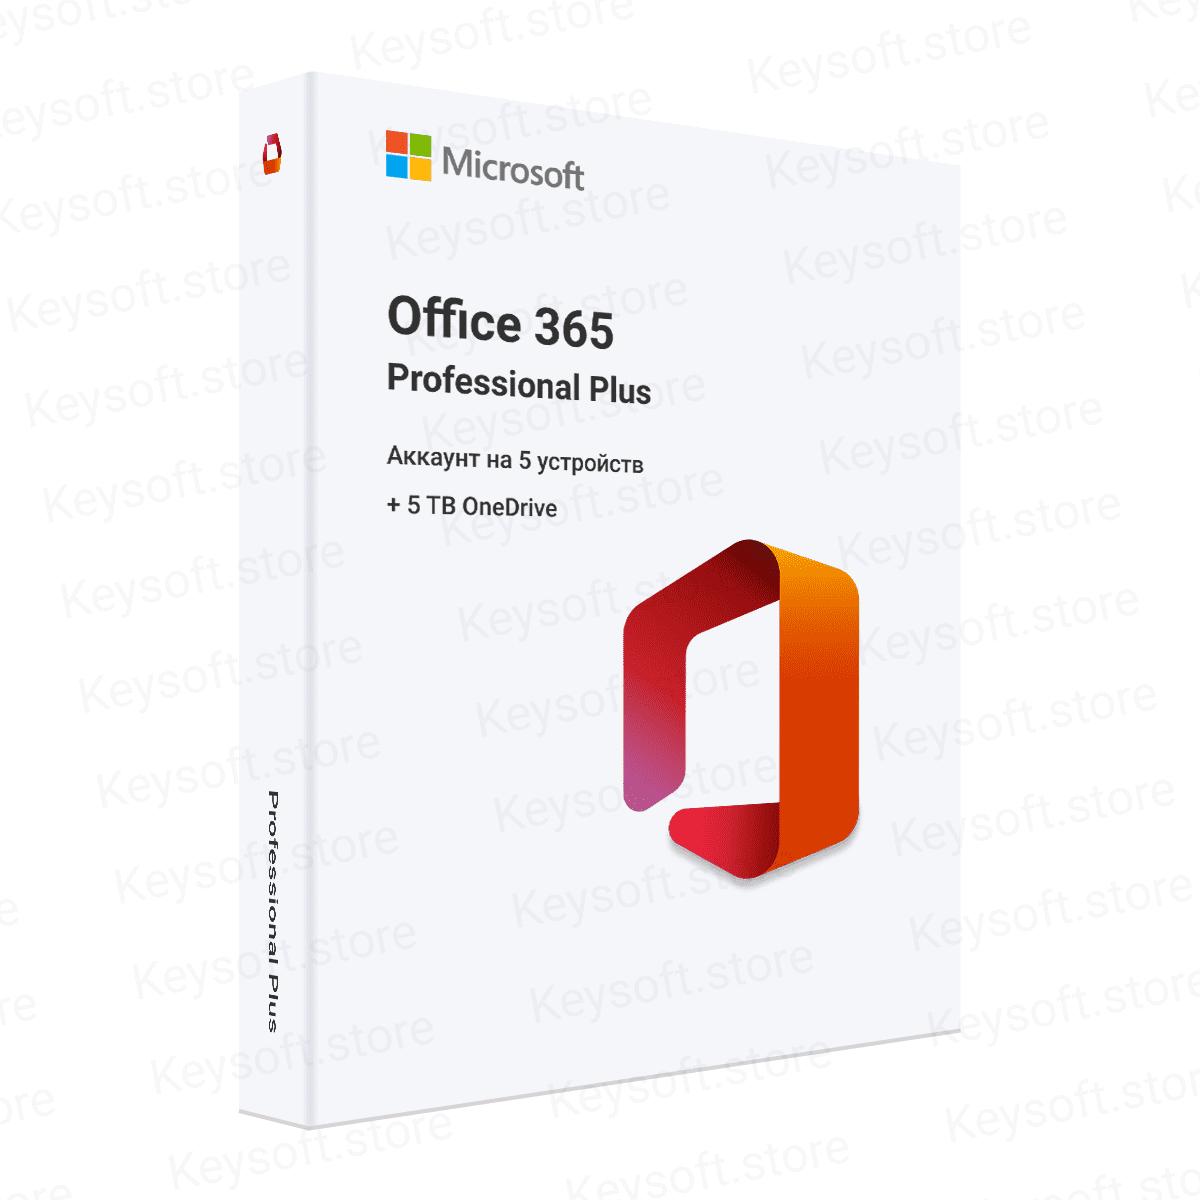 Купить лицензионные ключи активации для Office 365 Pro+, бессрочная подписка - Программы